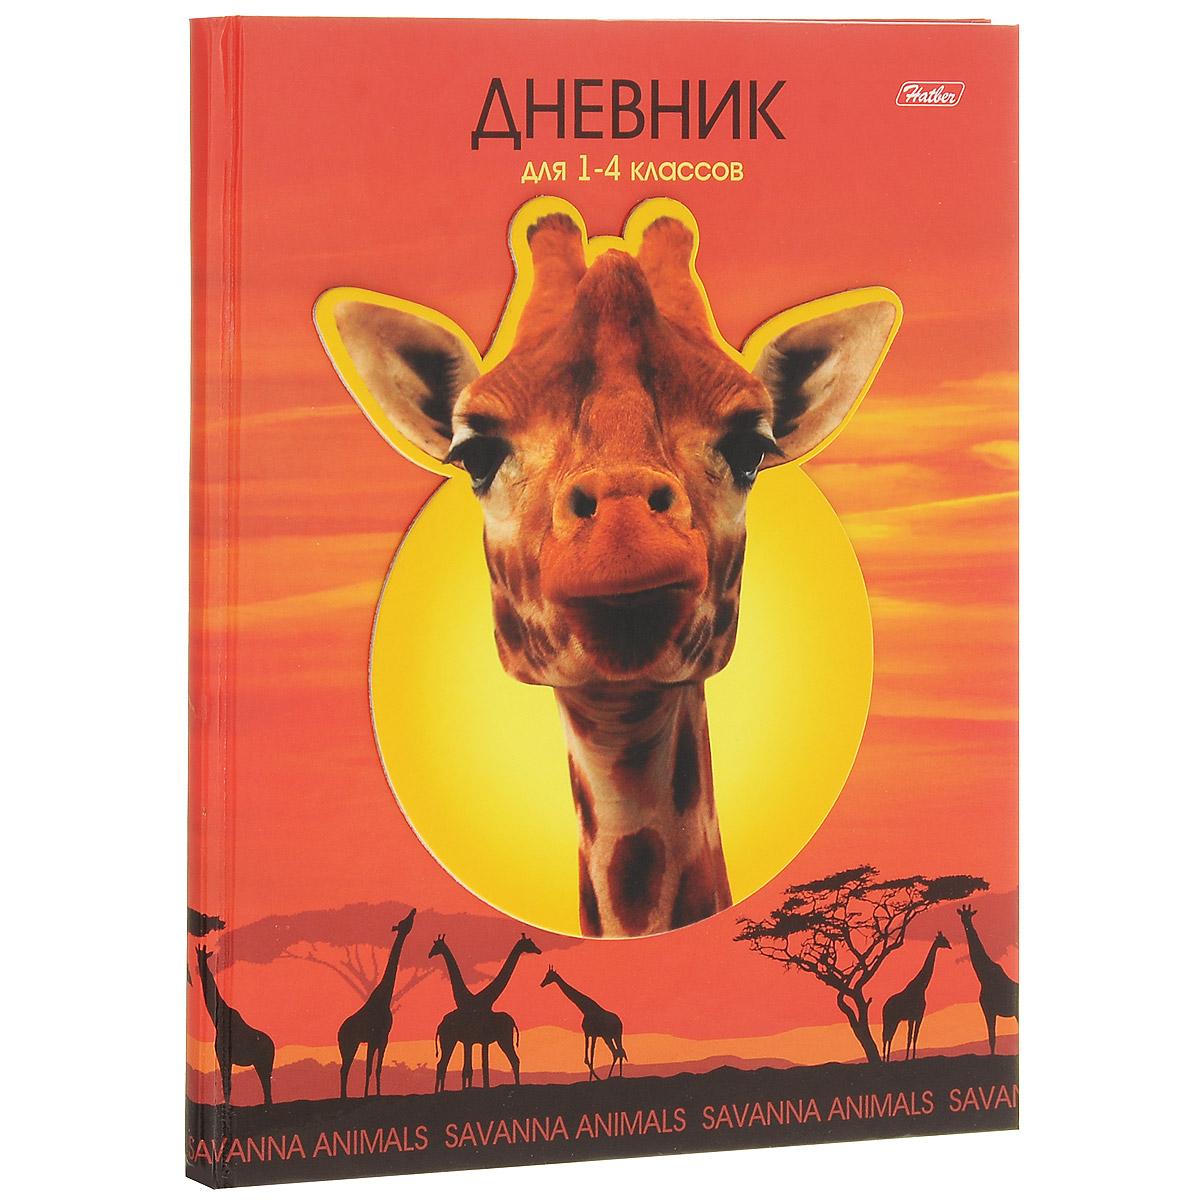 Дневник школьный Hatber Жираф, цвет: оранжевый, желтый48ДмТ5B_11091Школьный дневник Hatber Жираф - первый ежедневник вашего ребенка. Он поможет ему не забыть свои задания, а вы всегда сможете проконтролировать его успеваемость. Дневник предназначен для учеников 1-4 классов. Обложка дневника выполнена из плотного глянцевого картона и оформлена объемной наклейкой в виде головы жирафа. Внутренний блок изготовлен из высококачественной бумаги и состоит из 48 листов с изображением трех временгода: осени, зимы и весны. Каждая страничка дневника содержит пословицы разных народов мира. Вструктуру дневника входят все необходимые разделы: информация о личных данных ученика, школе и педагогах,друзьях и одноклассниках, расписание факультативов и уроков по четвертям, сведения об успеваемости срекомендациями педагогического коллектива. Дневник также содержит номера телефонов экстренной помощи и даты государственных праздников. Кроме стандартной информации, вконце дневника имеется краткий справочник школьника по математике и русскому языку. На внутреннем развороте обложки дневника изображены физическая и административная карты России. Задняя обложка дополнена справочной информацией по математике, в том числе таблицей умножения.Школьный дневник Hatber Жираф станет отличным помощником в освоении новых знаний и принесет радость своему хозяину в учебные будни.